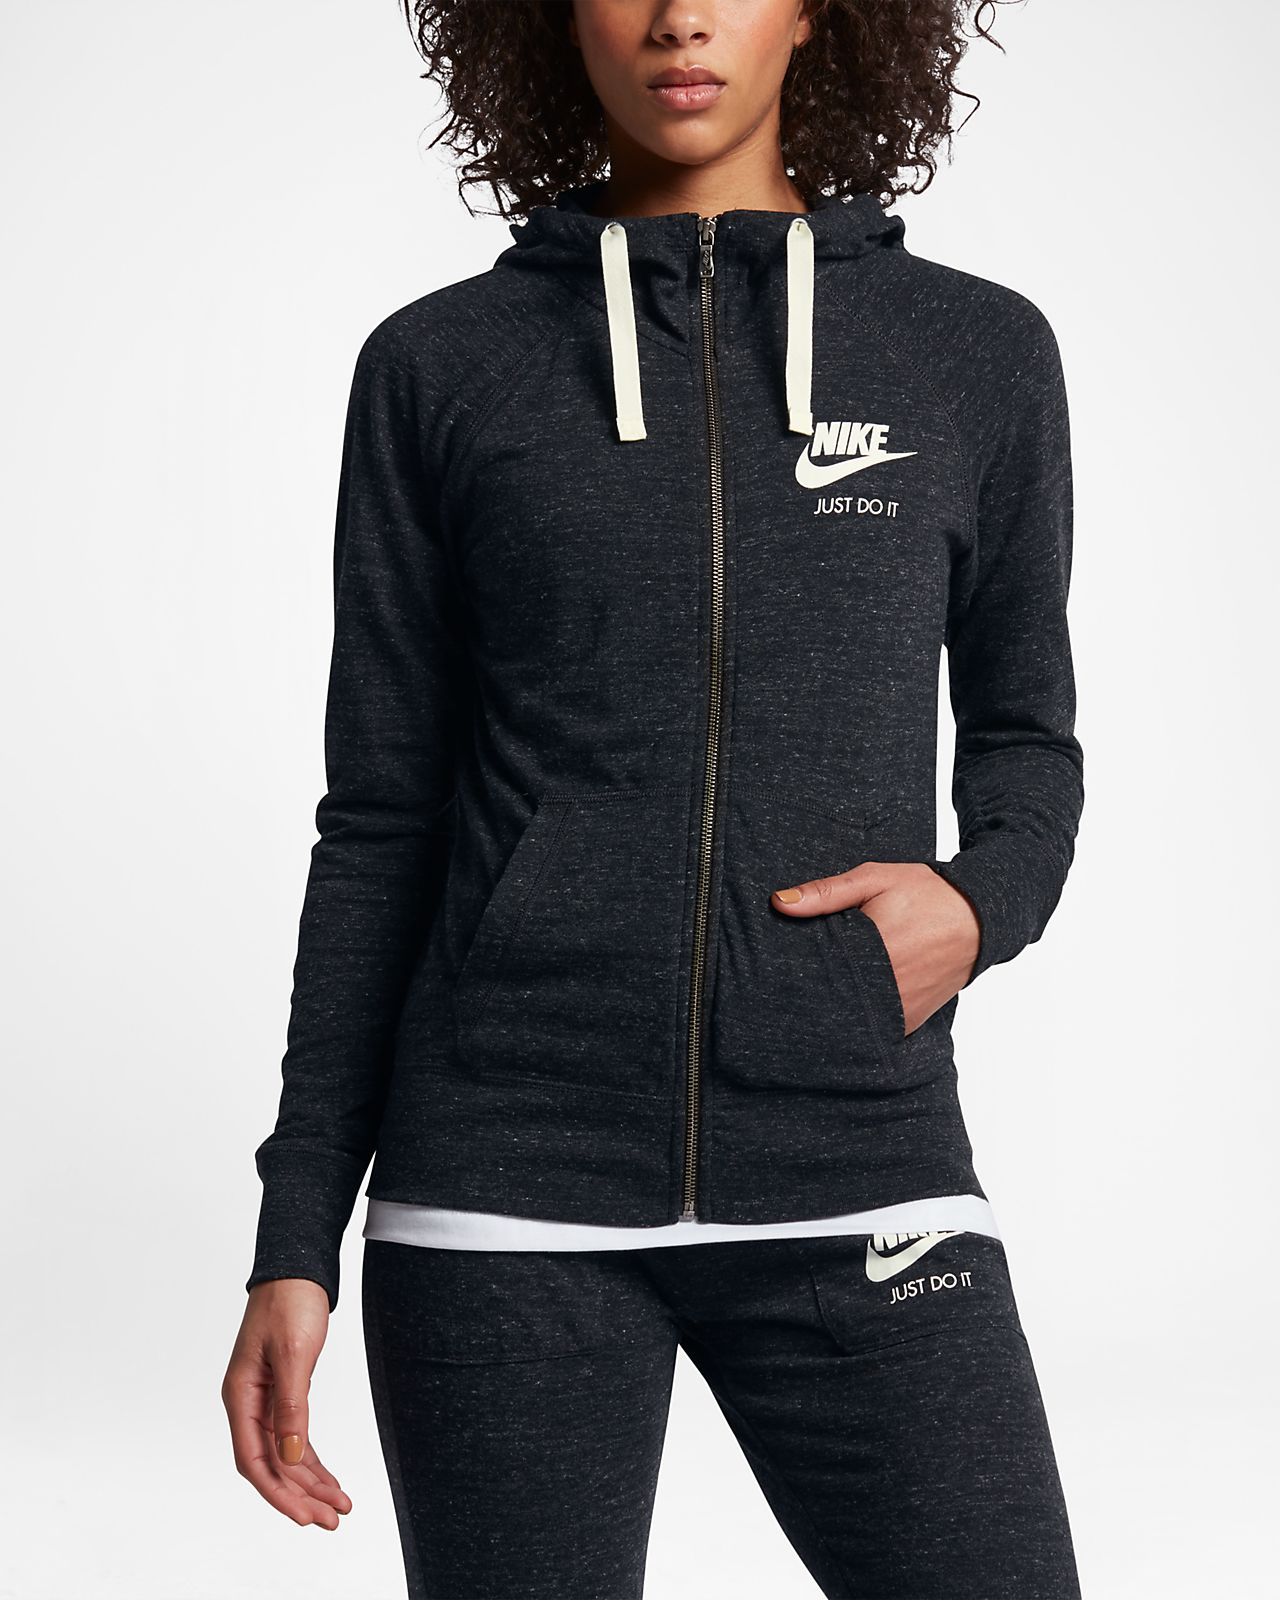 bf07aa4572 ... Sweat à capuche entièrement zippé Nike Sportswear Gym Vintage pour Femme